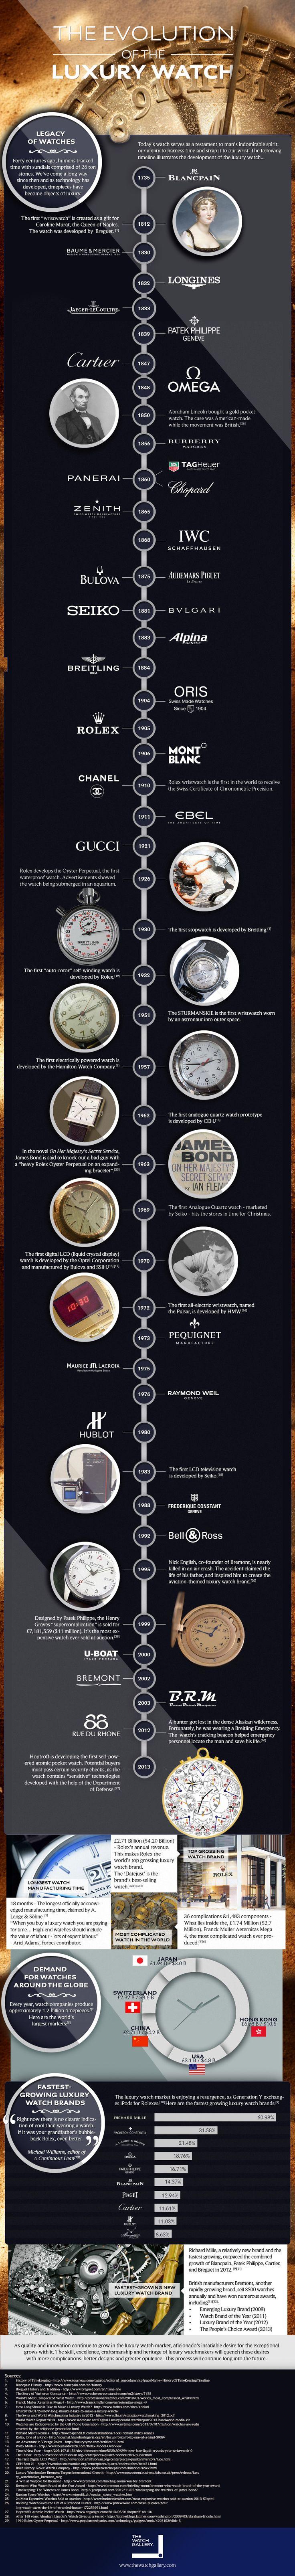 Evolution of the Luxury Watch evolución del reloj de diseñador.